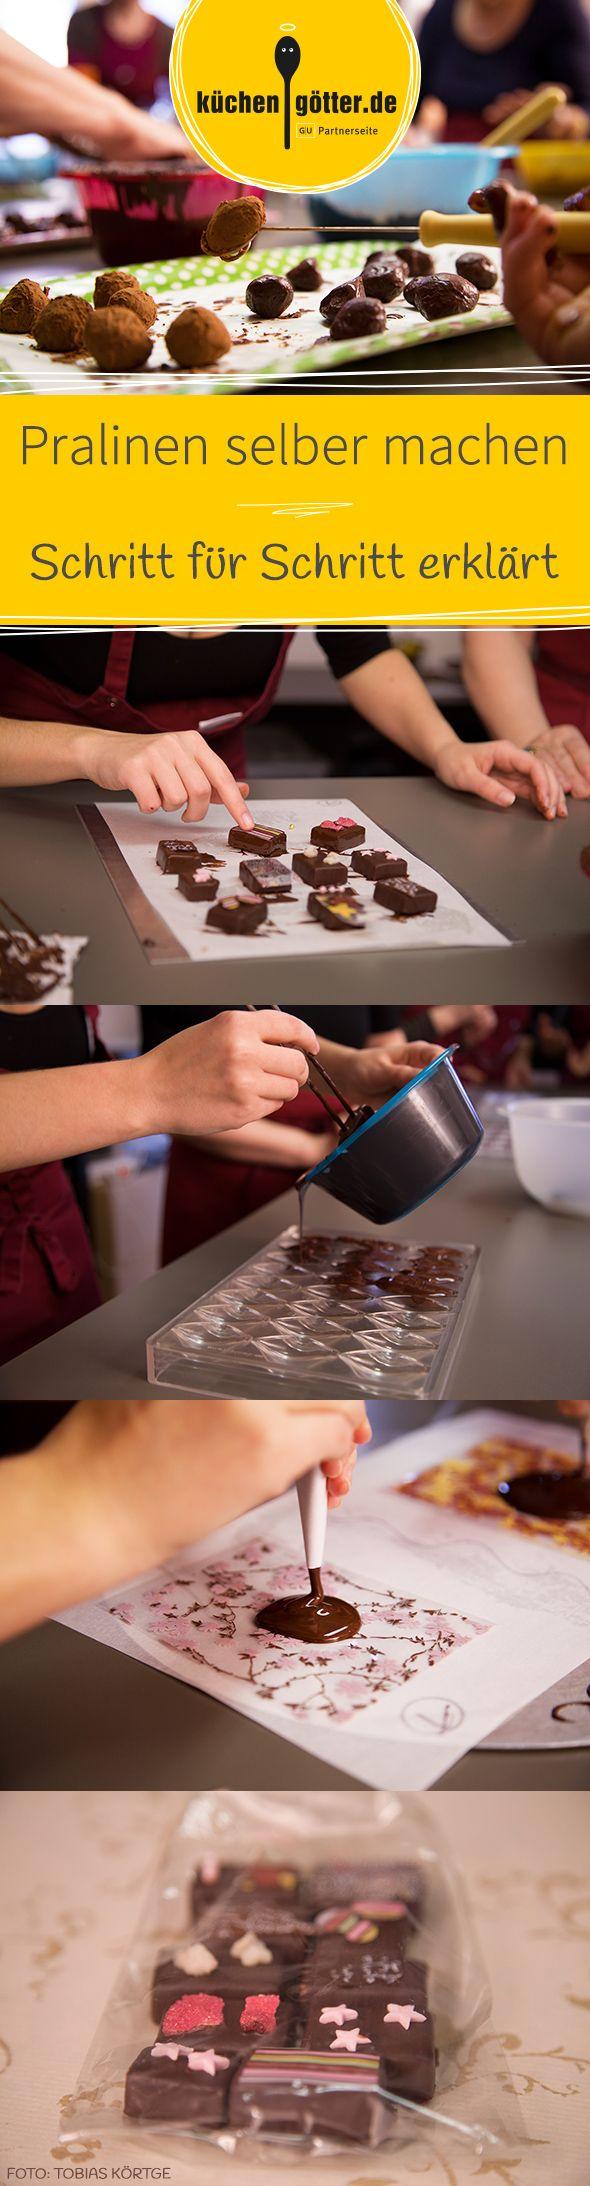 Ob raffiniert gefüllte Pralinen, bunt verzierte Schnittpralinen, feine Trüffel oder raffinierte Schoko-Lollies: Wir zeigen euch Schritt für Schritt, wie ihr Pralinen selber macht. Und tolle Pralinen-Rezepte verraten wir natürlich auch.